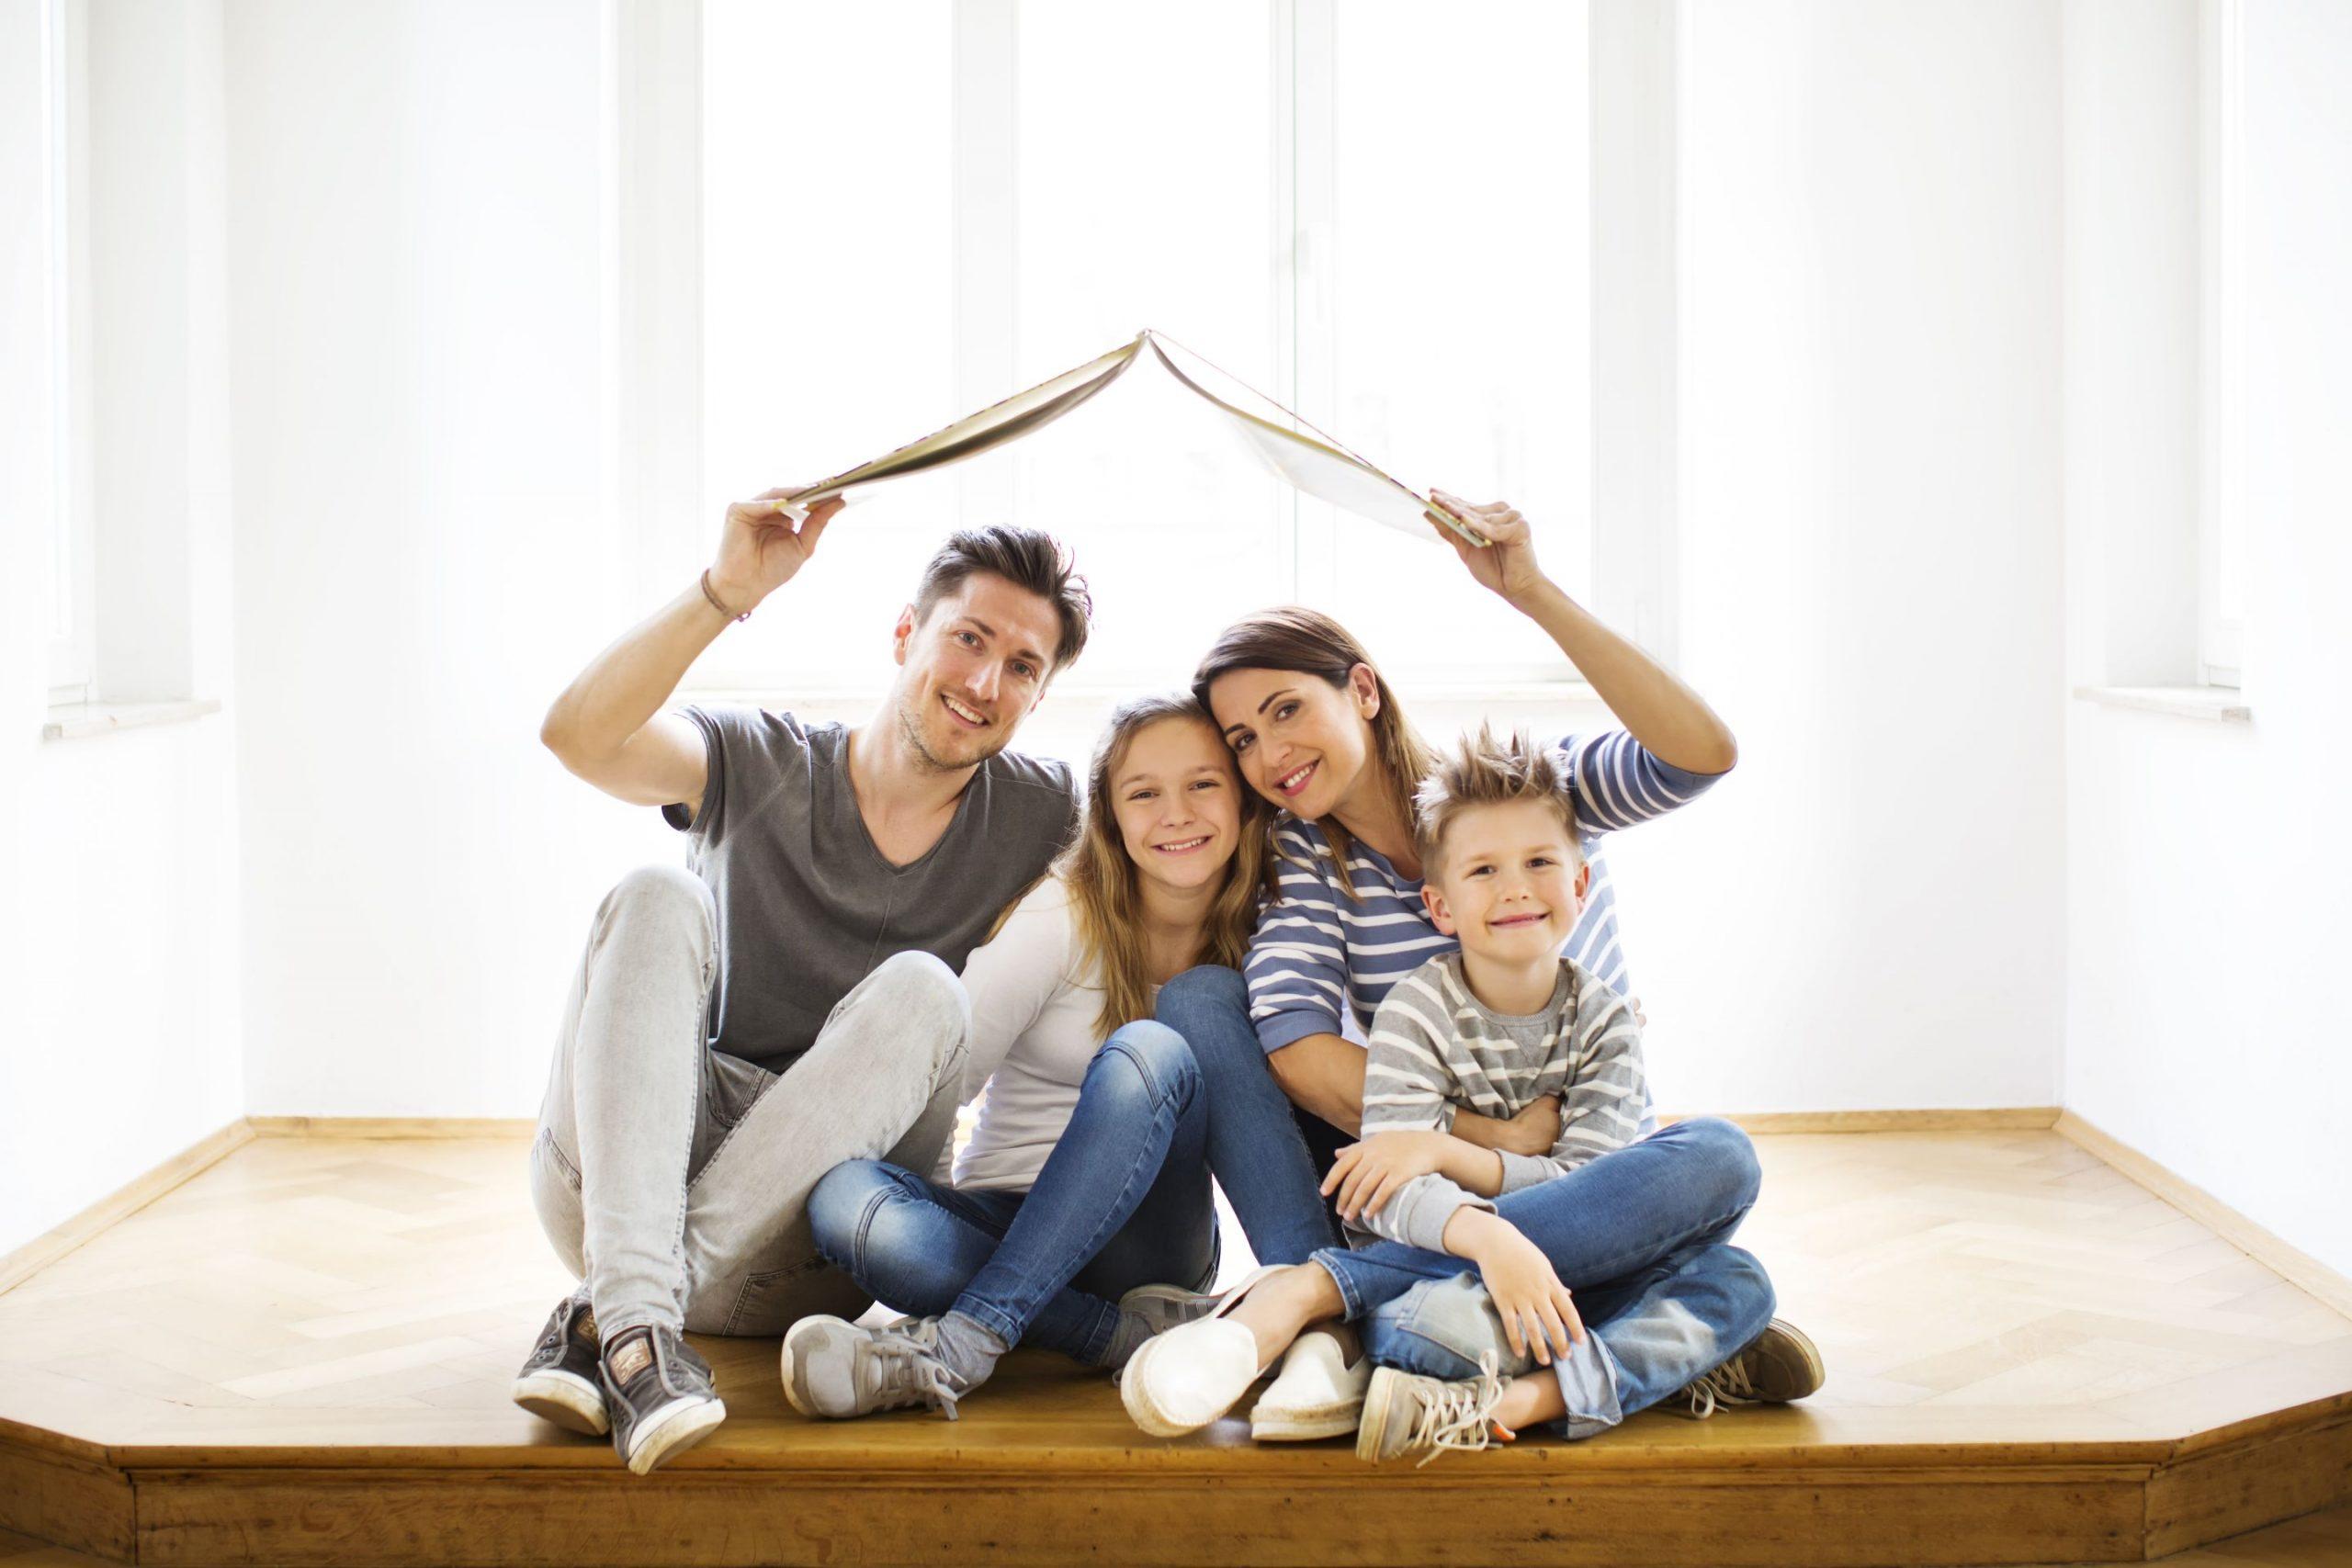 meilleur prix assurance habitation 2020